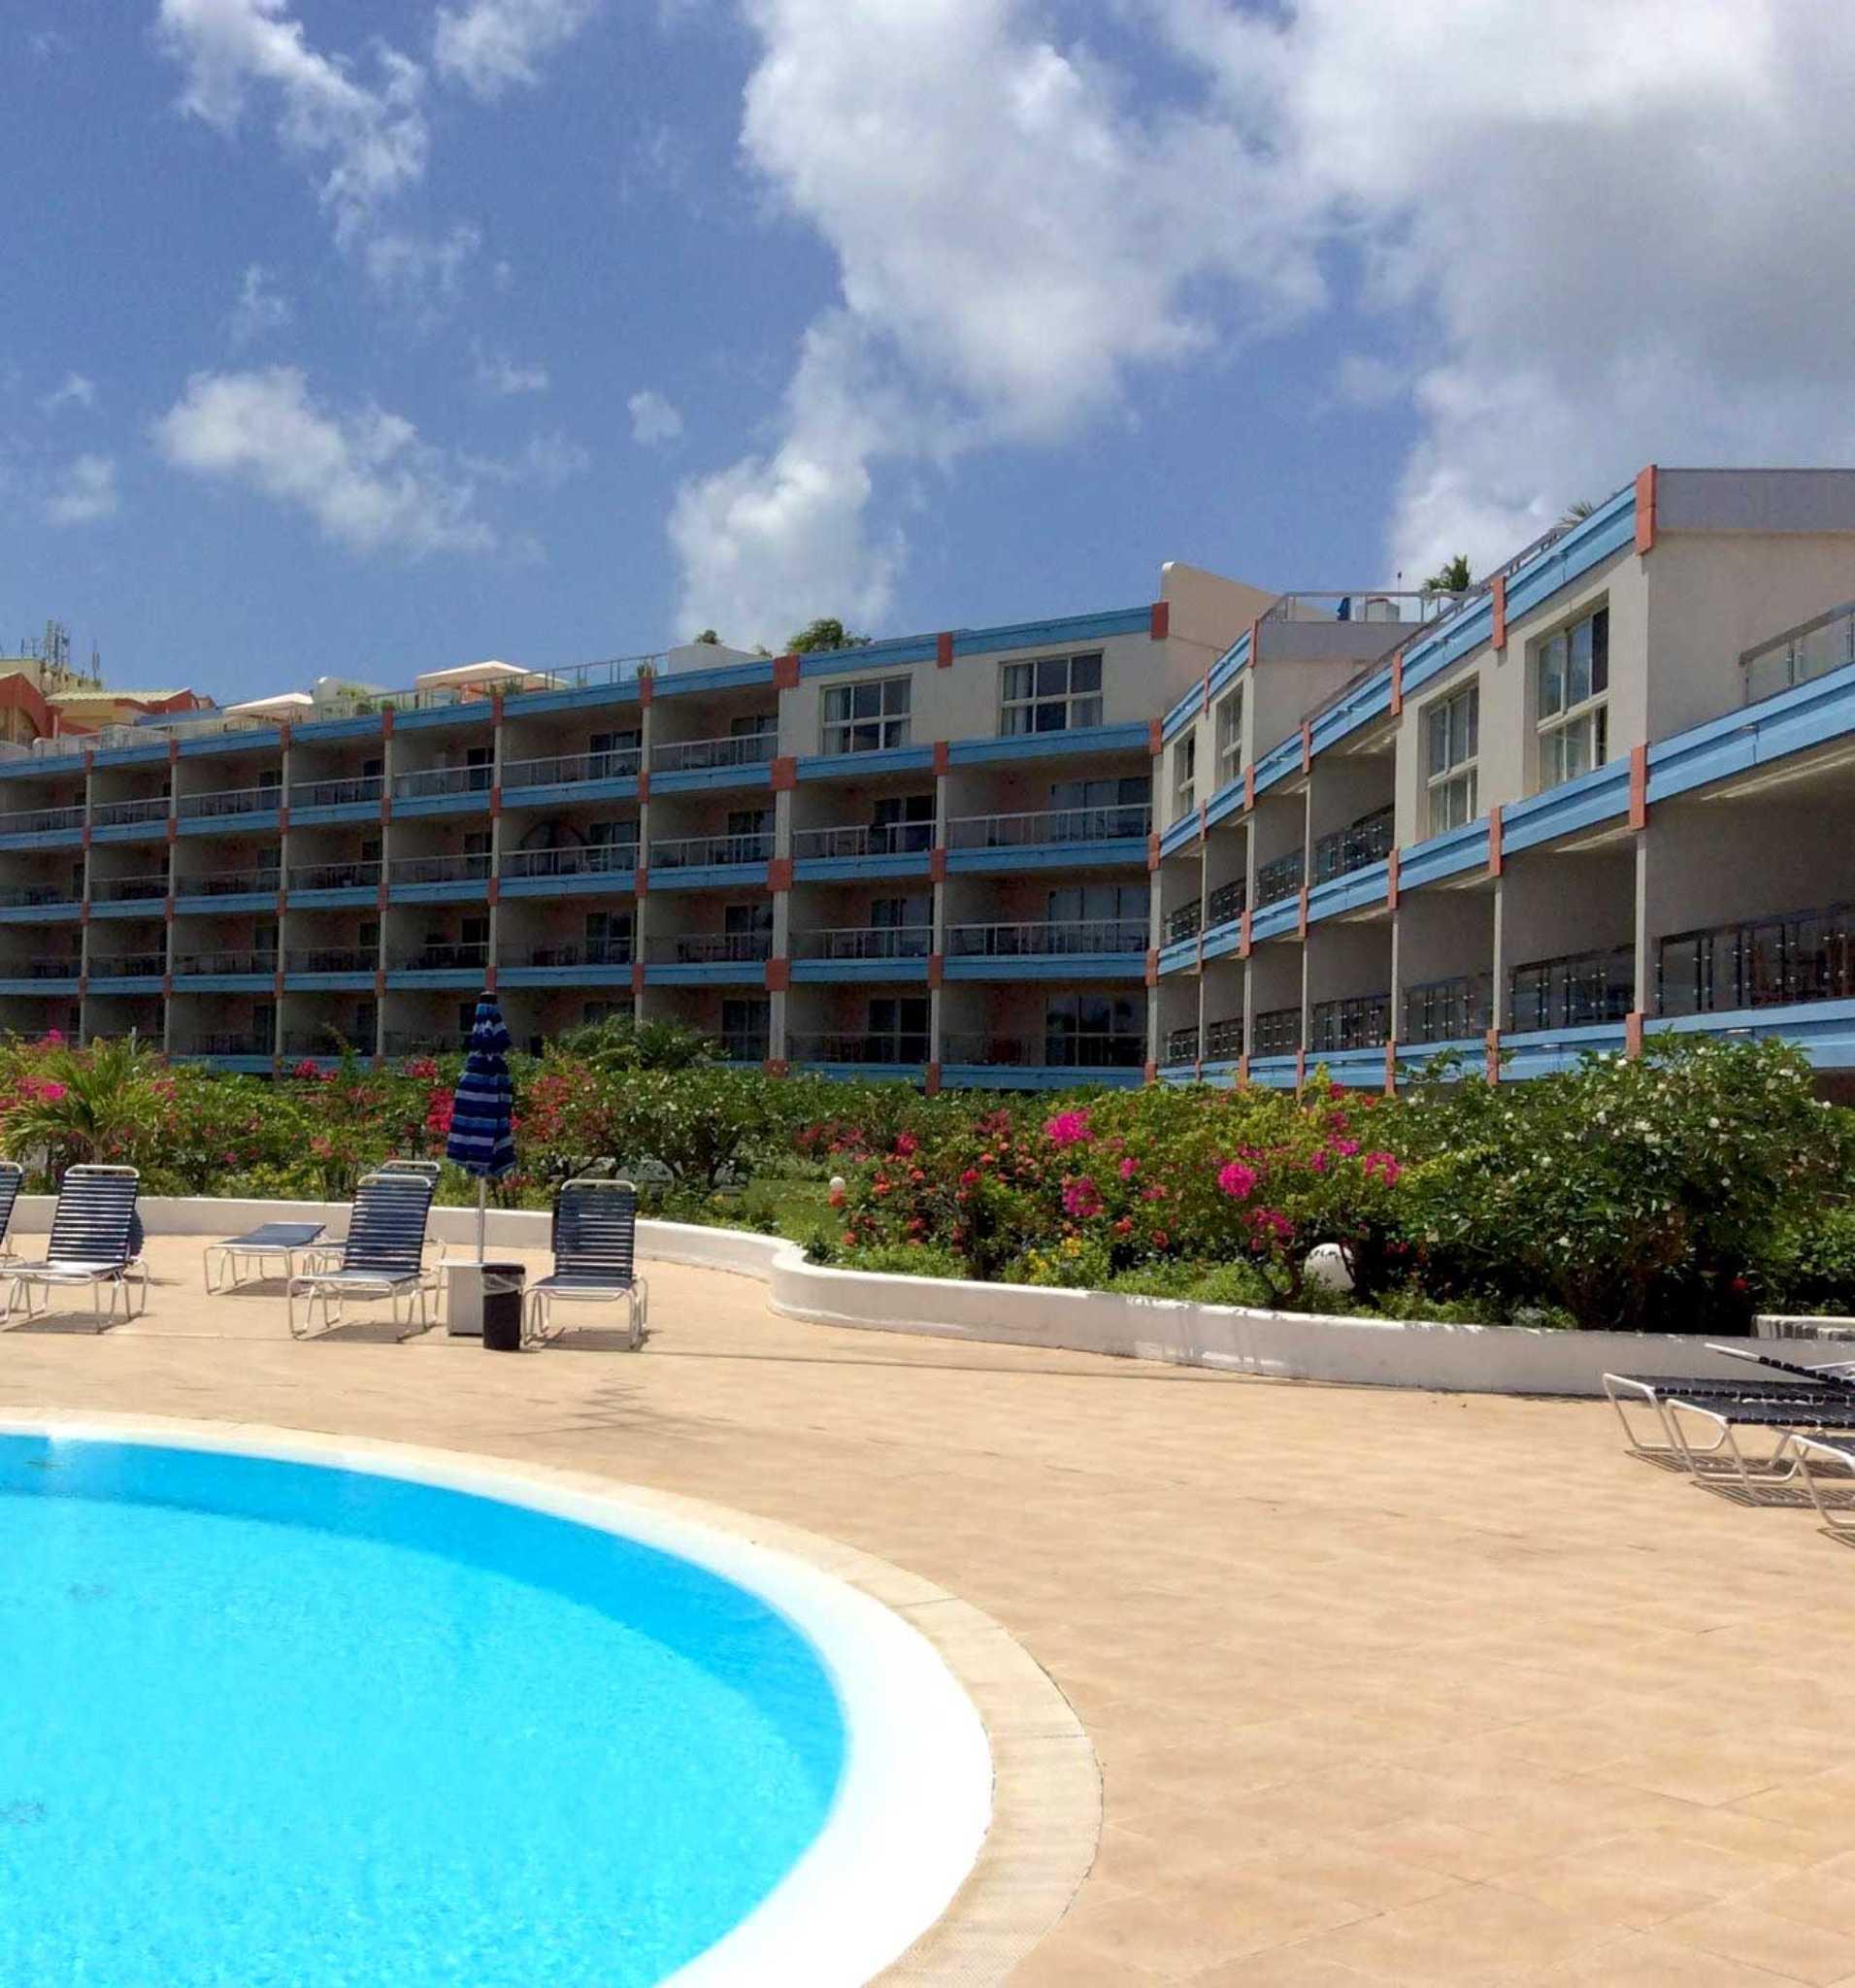 La Terrasse One Bedroom Maho Condos Vacation Rental